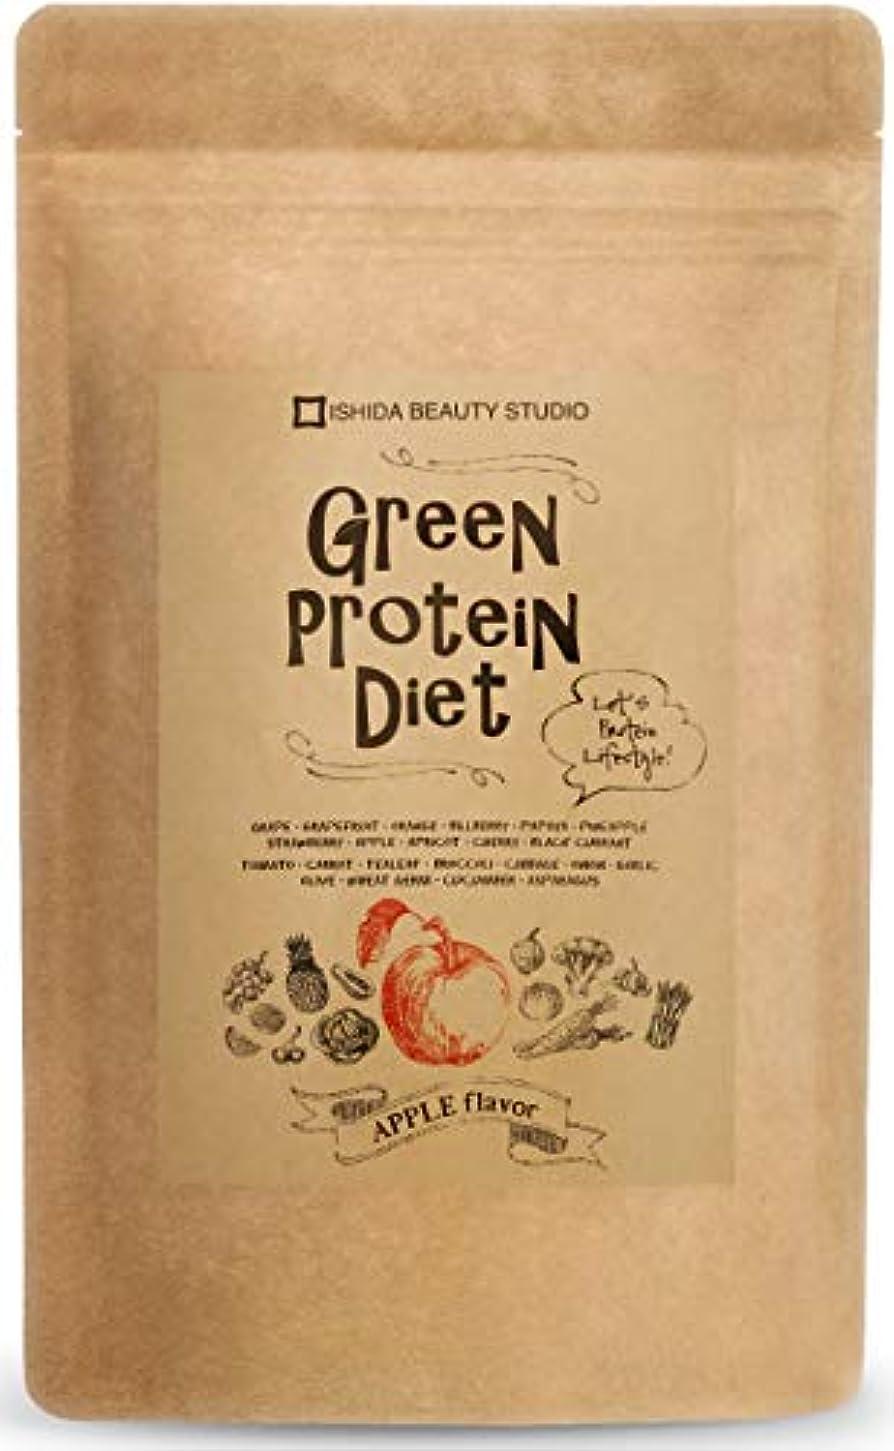 ペチュランス寸前ぎこちないグリーン プロテイン ダイエット シェイク 置き換え スムージー 酵素青汁配合 750g